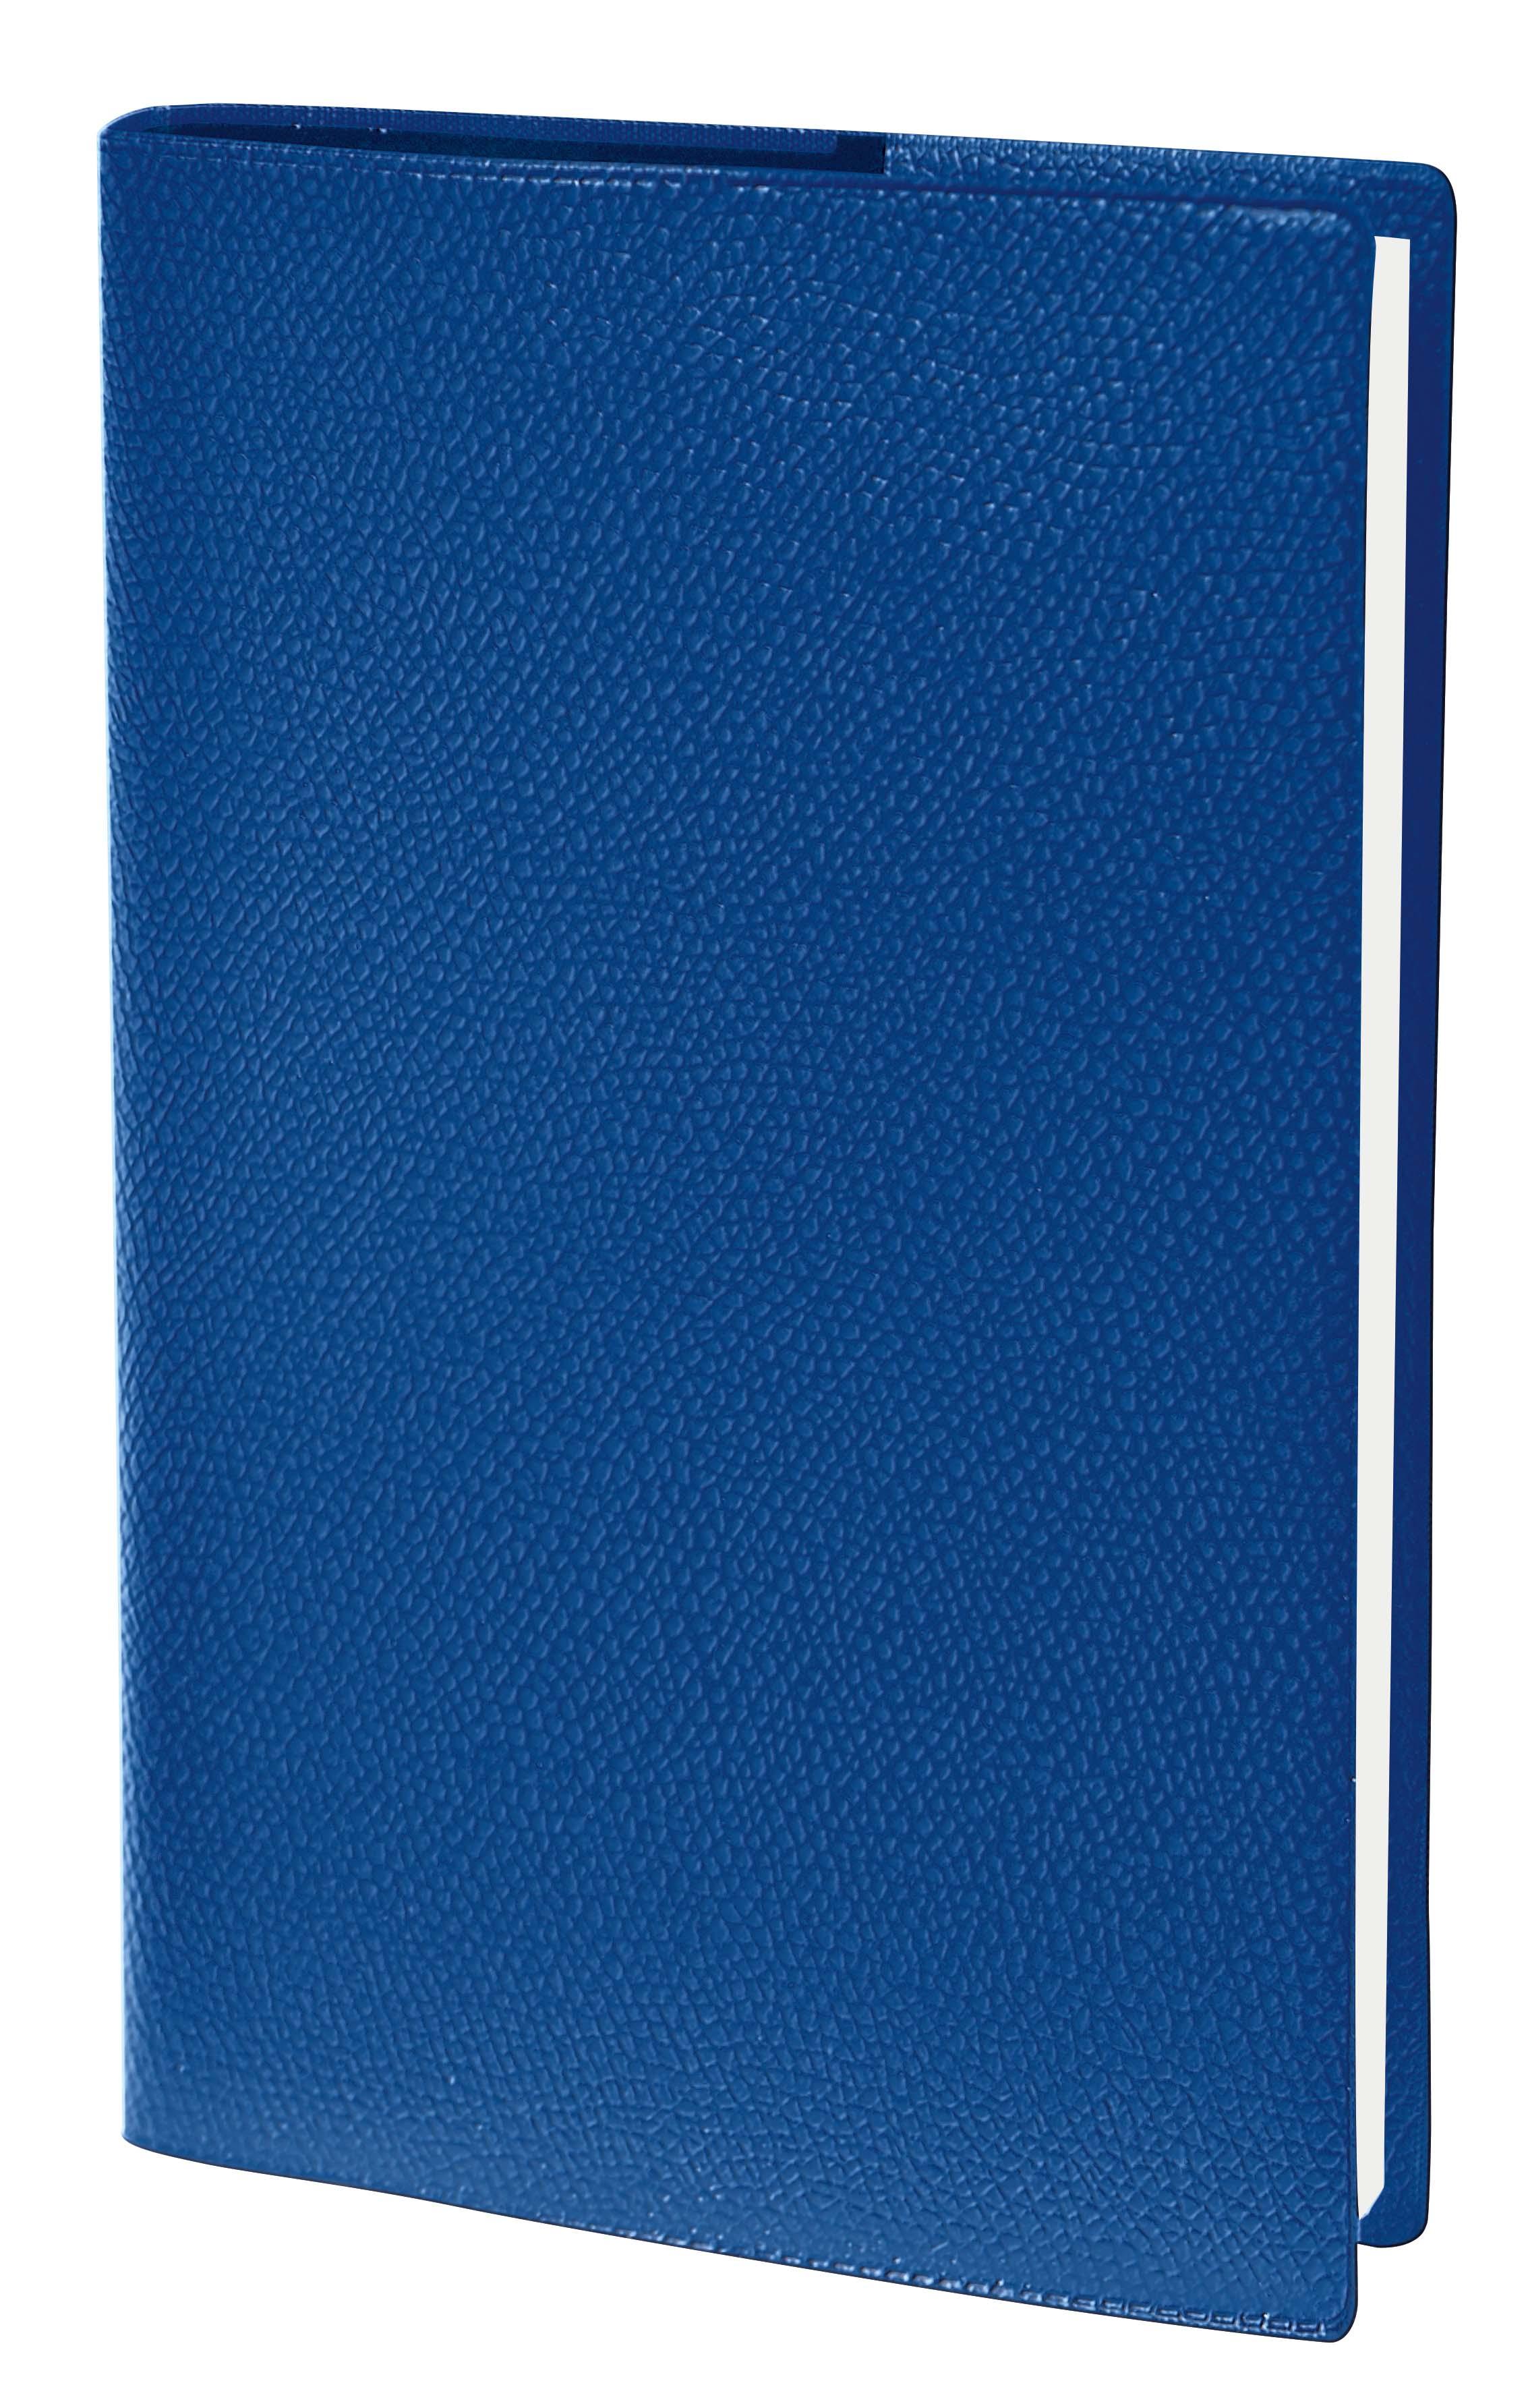 Impala Ministre - Agenda 1 semaine sur 2 pages avec répertoire - 16 x 24 cm - disponible dans différentes couleurs - Quo Vadis